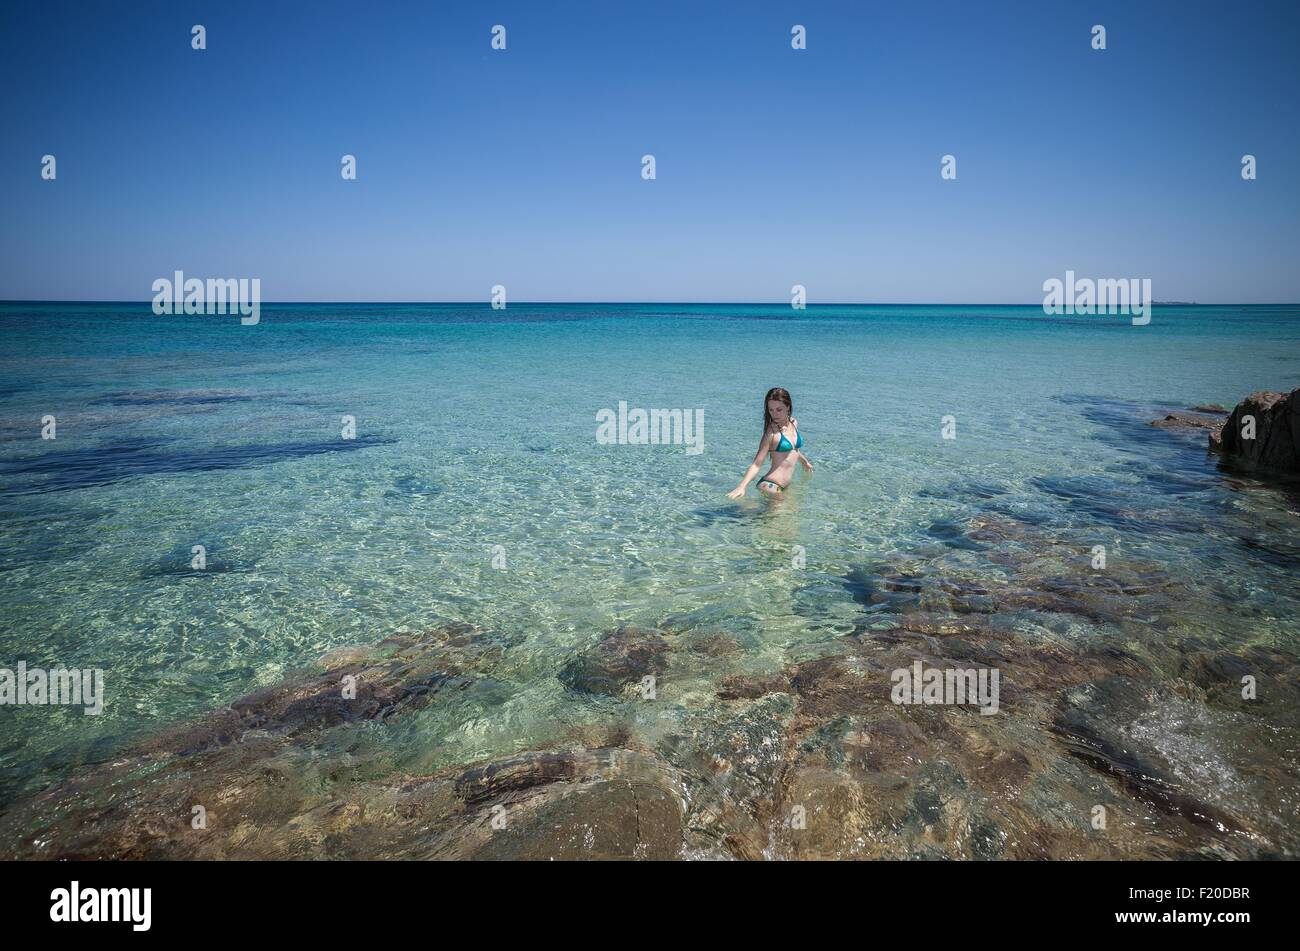 Giovane donna che indossa un bikini guadare in mare, Cagliari, Sardegna, Italia Immagini Stock